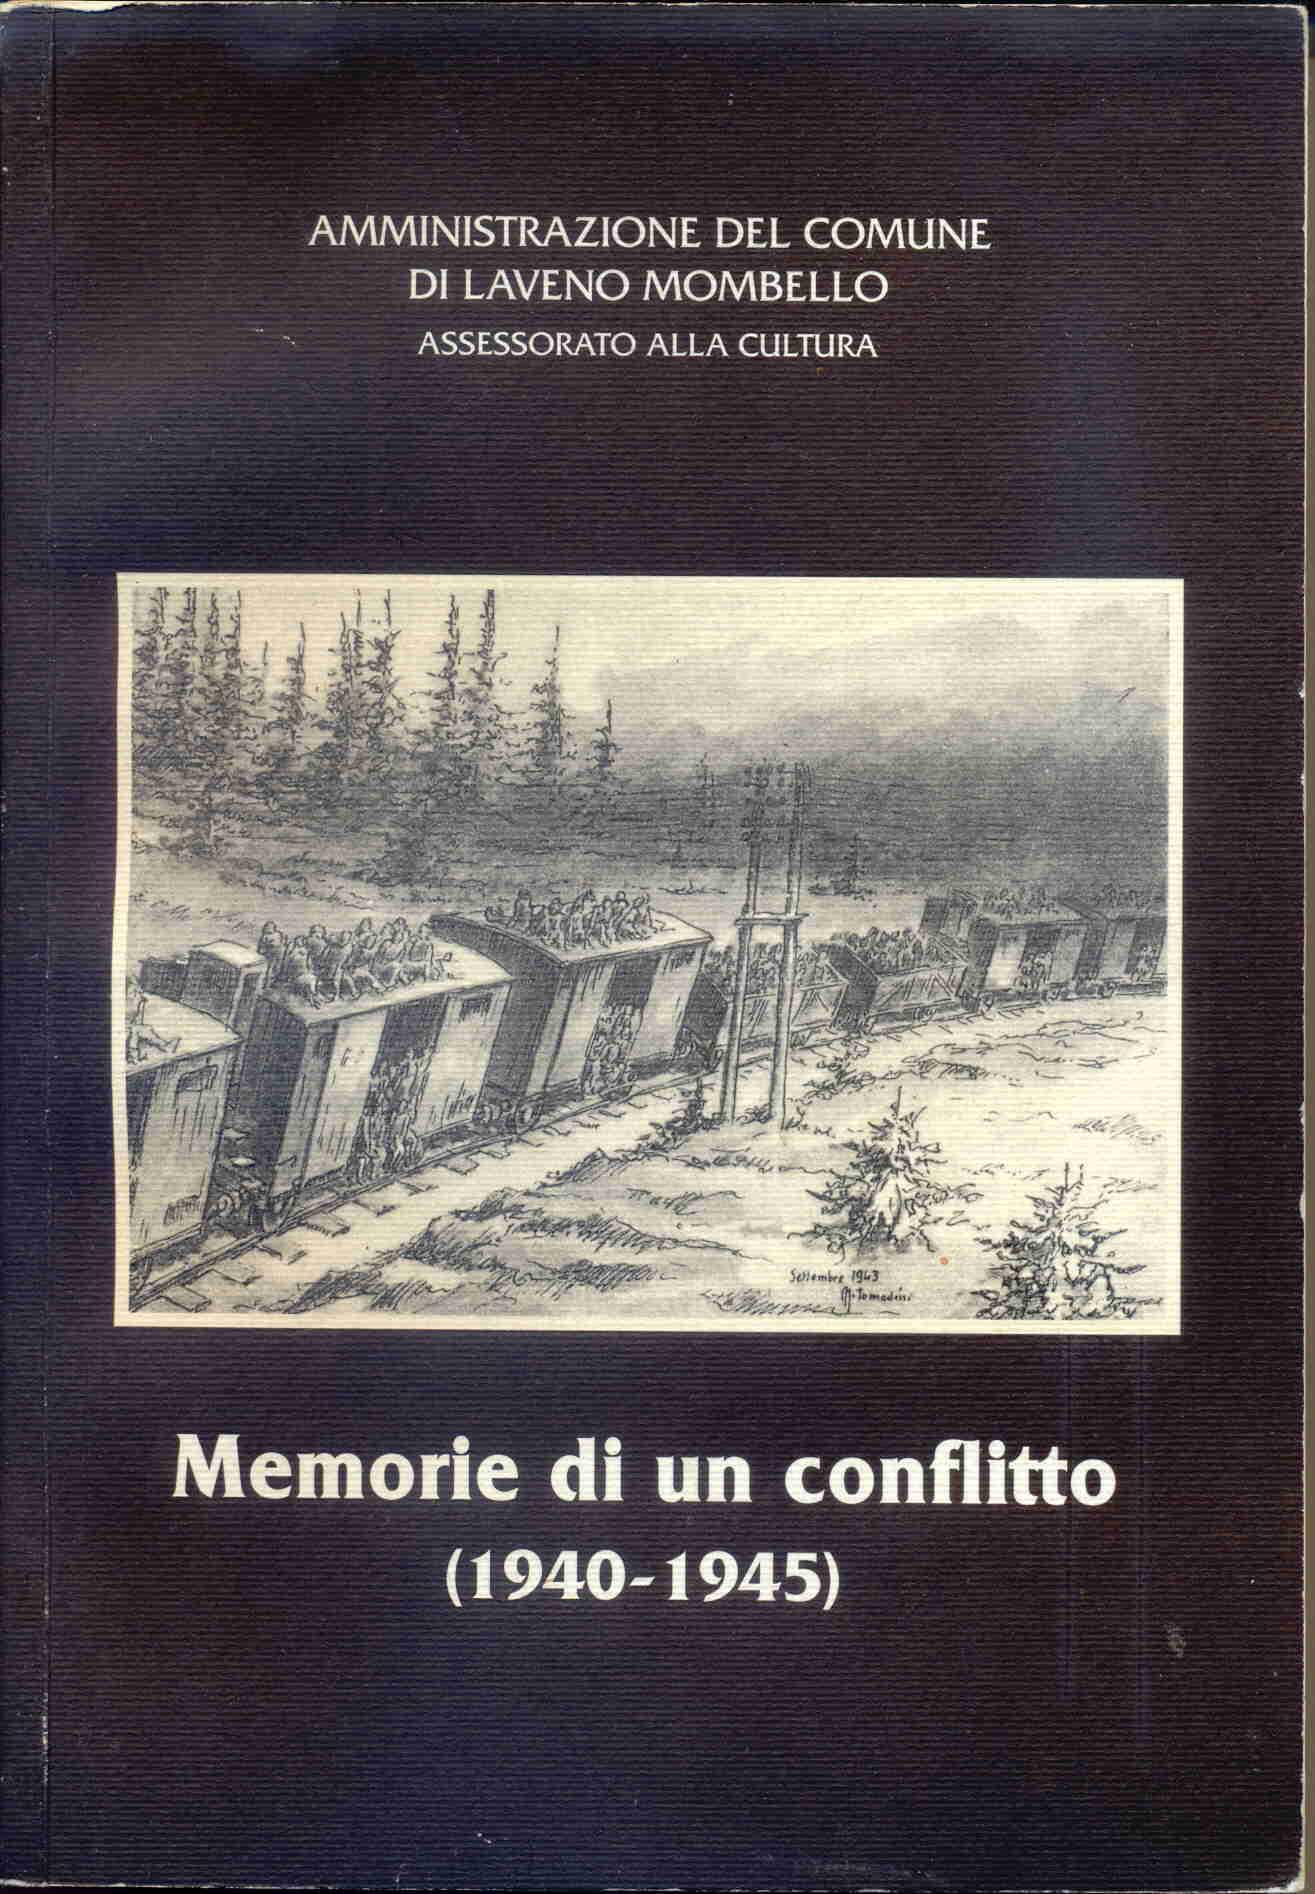 Memorie di un conflitto